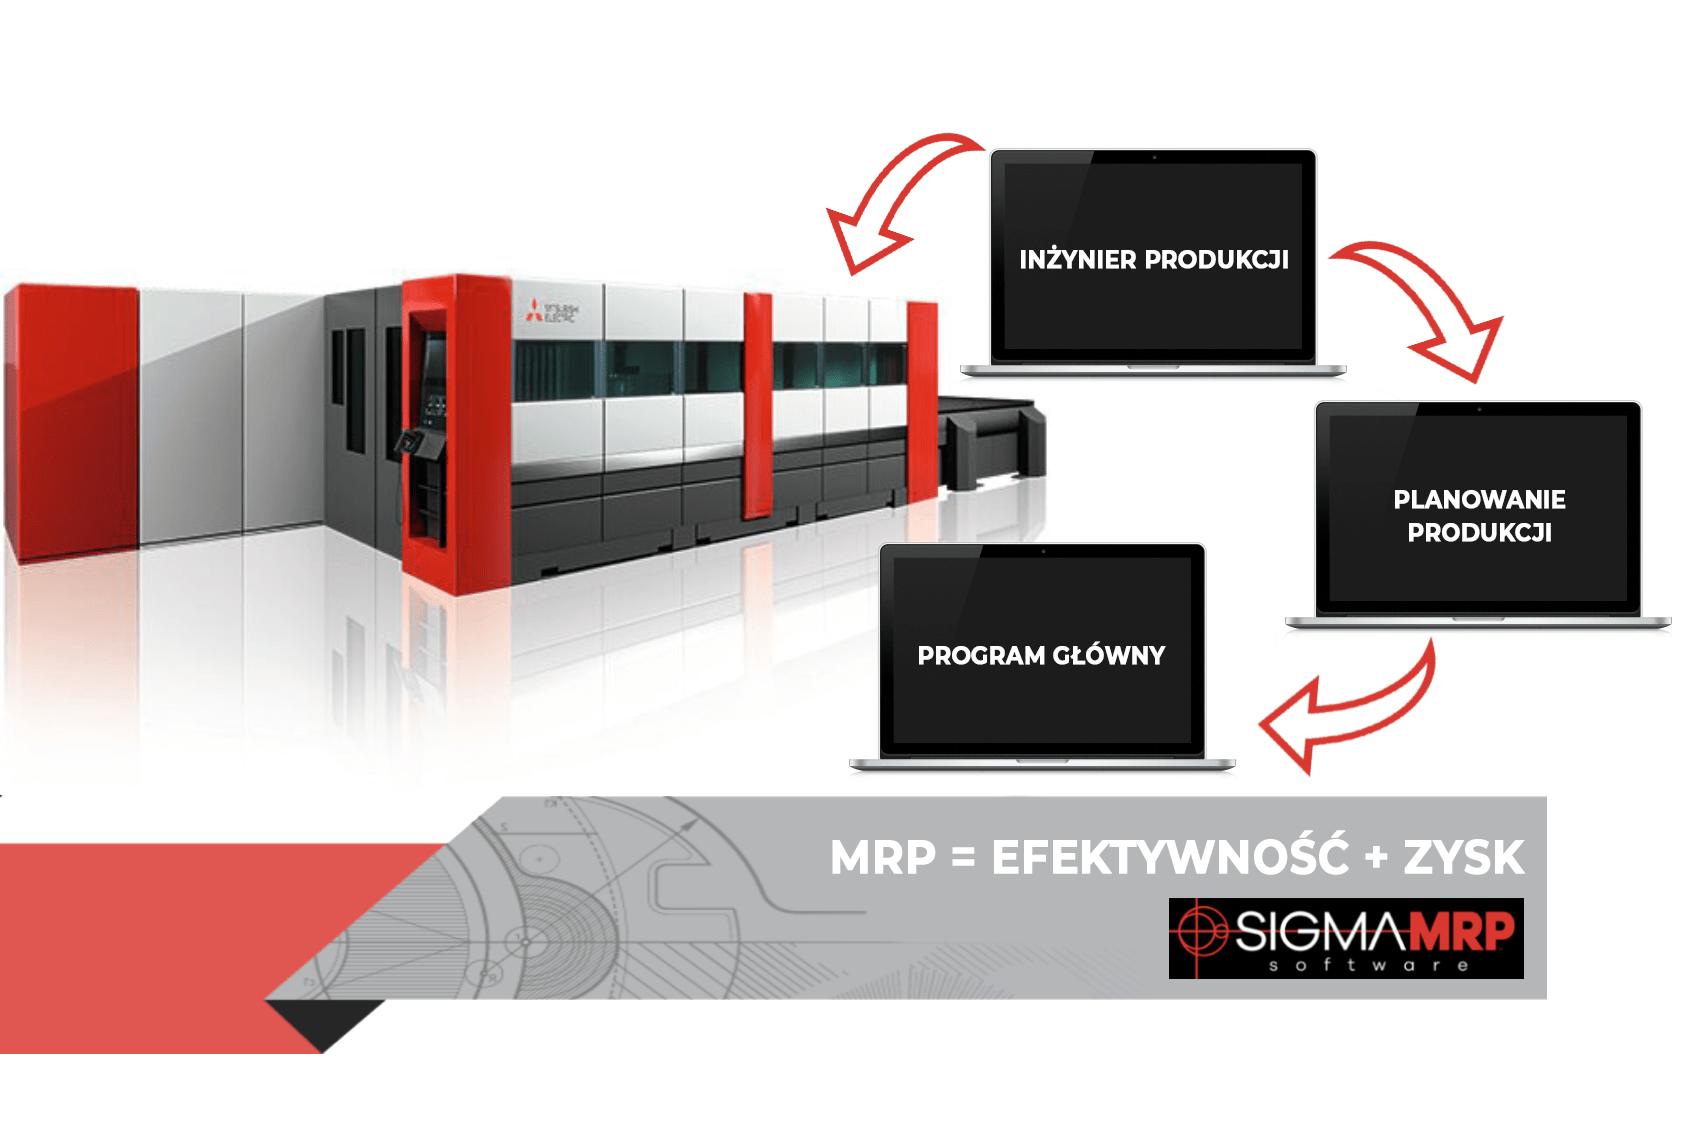 Zarządzanie procesami w SigmaMRP = EFEKTYWNOŚĆ + ZYSK